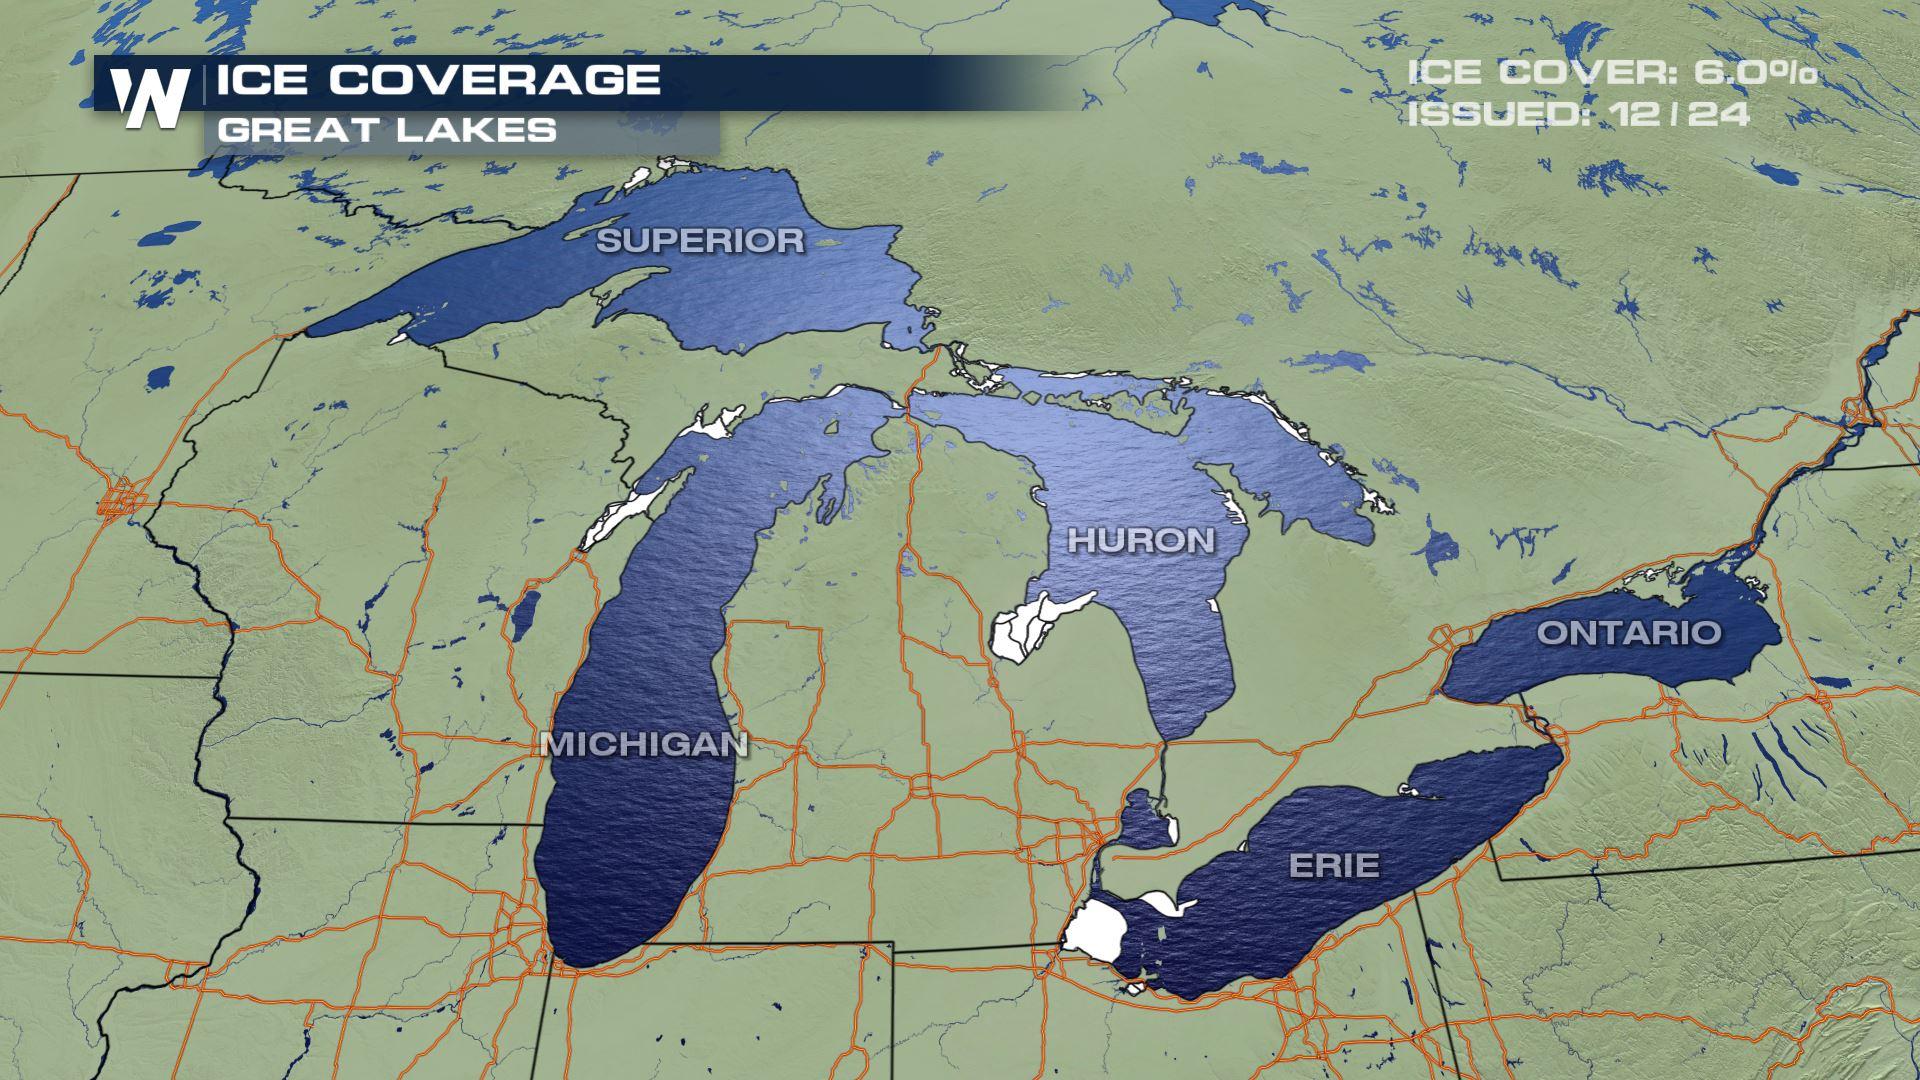 Naukowcy ostrzegają: W rejonie Wielkich Jezior wzrasta temperatura